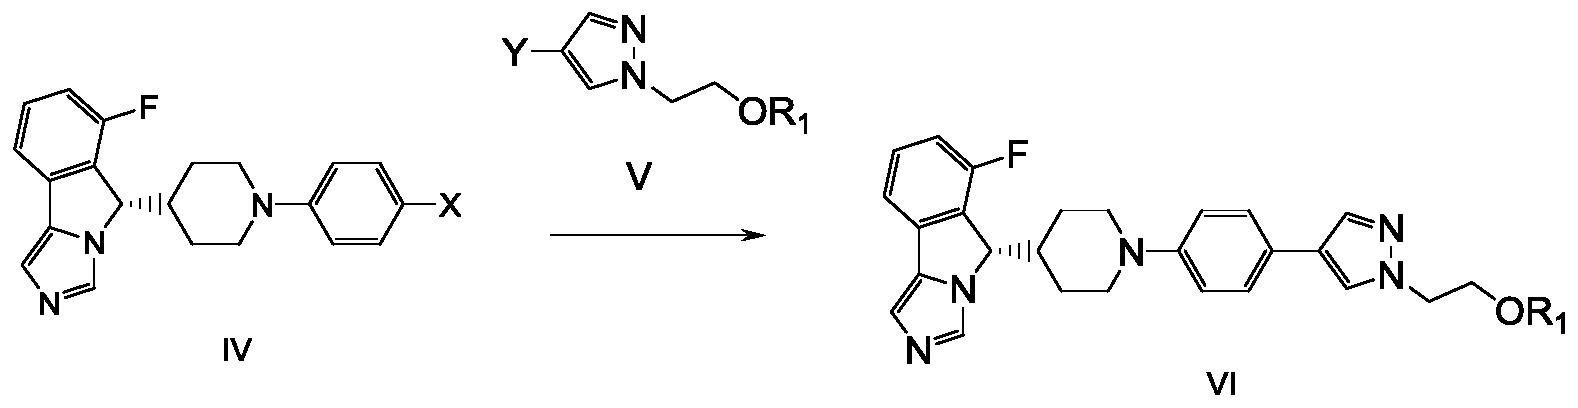 Figure PCTCN2018099113-appb-000010